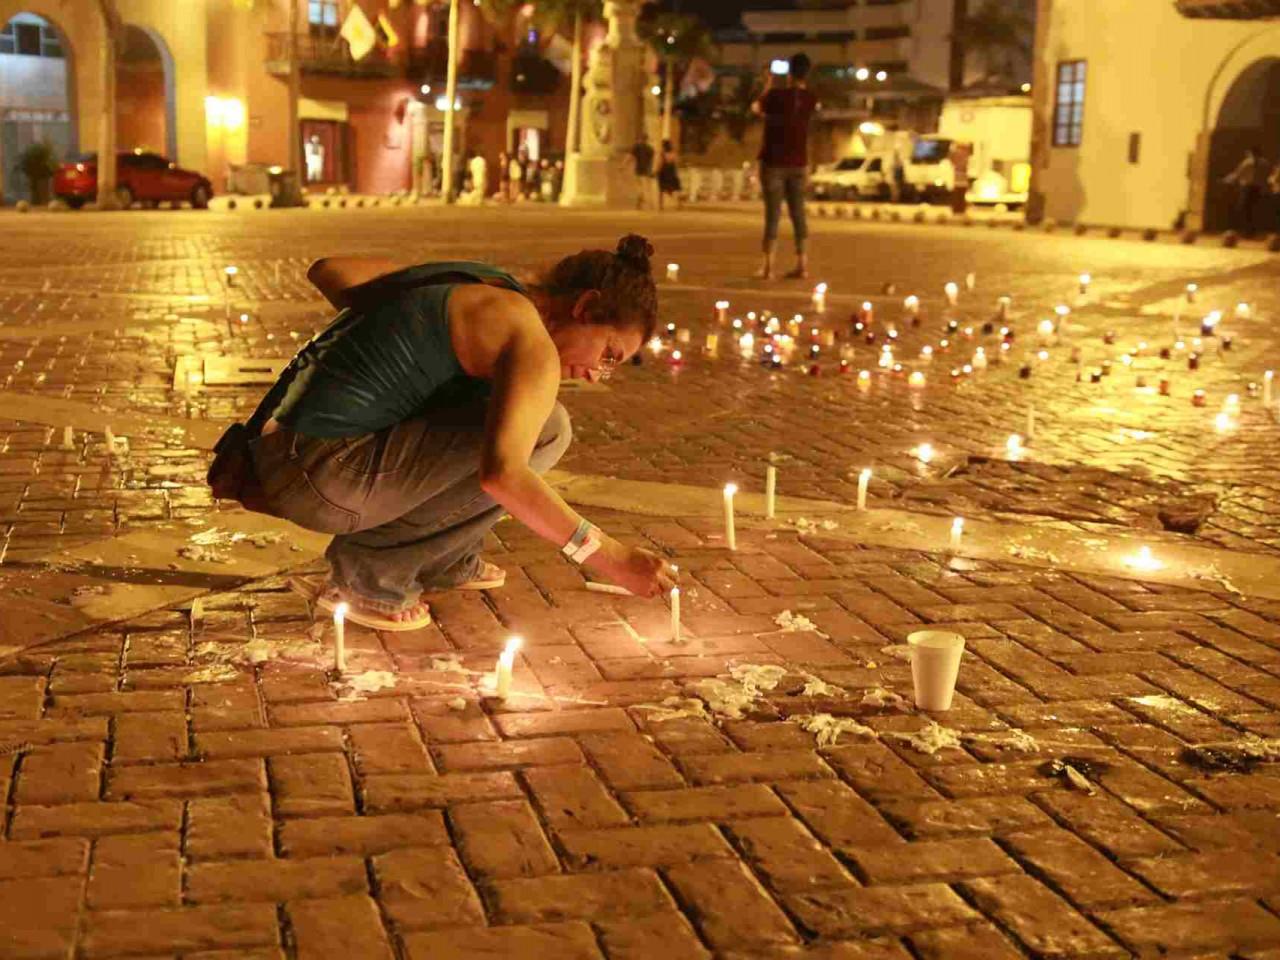 13-eventos-que-impactaram-a-america-latina-em-2016-6